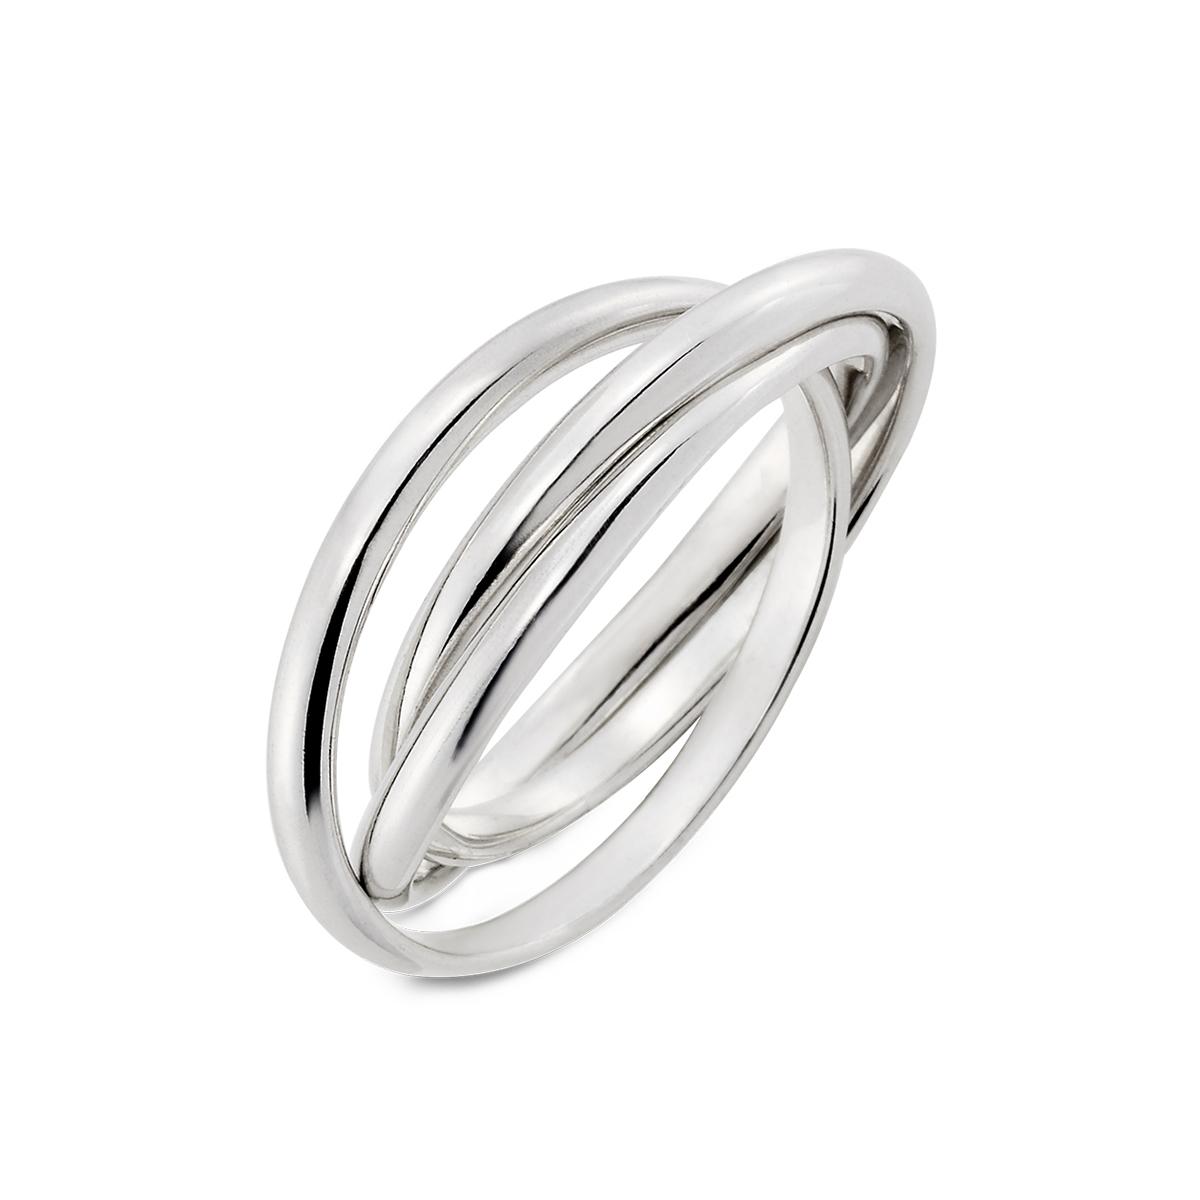 KSM119 簡約哲學-專屬三環簡約戒指